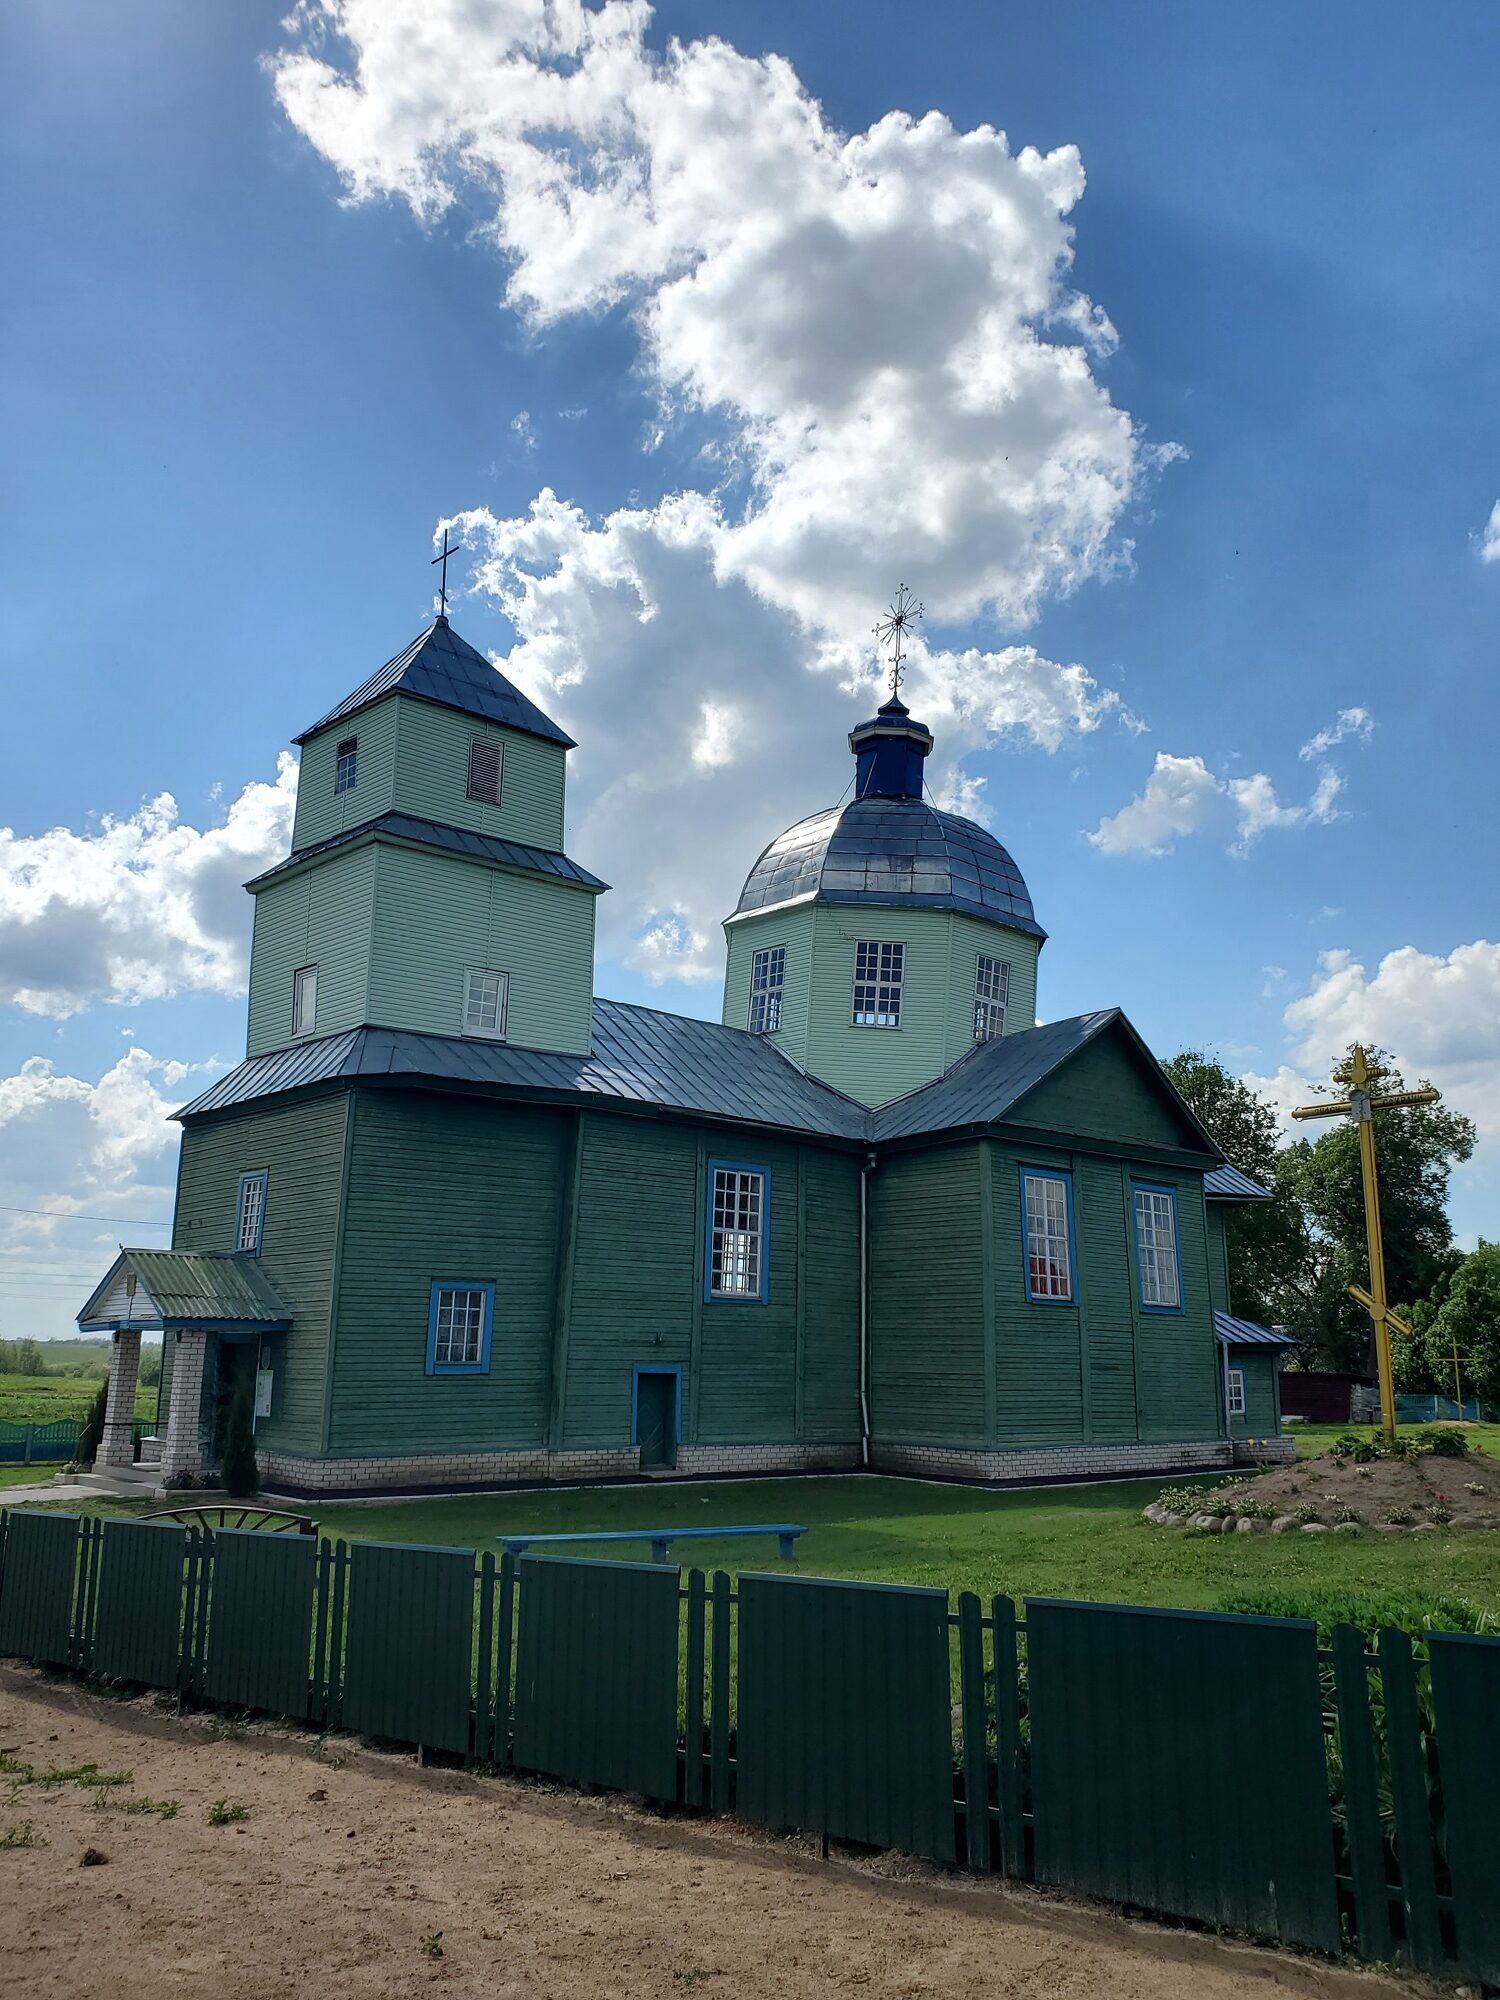 20200606 160957 rotated - Спасо-Преображенская церковь в Порплище